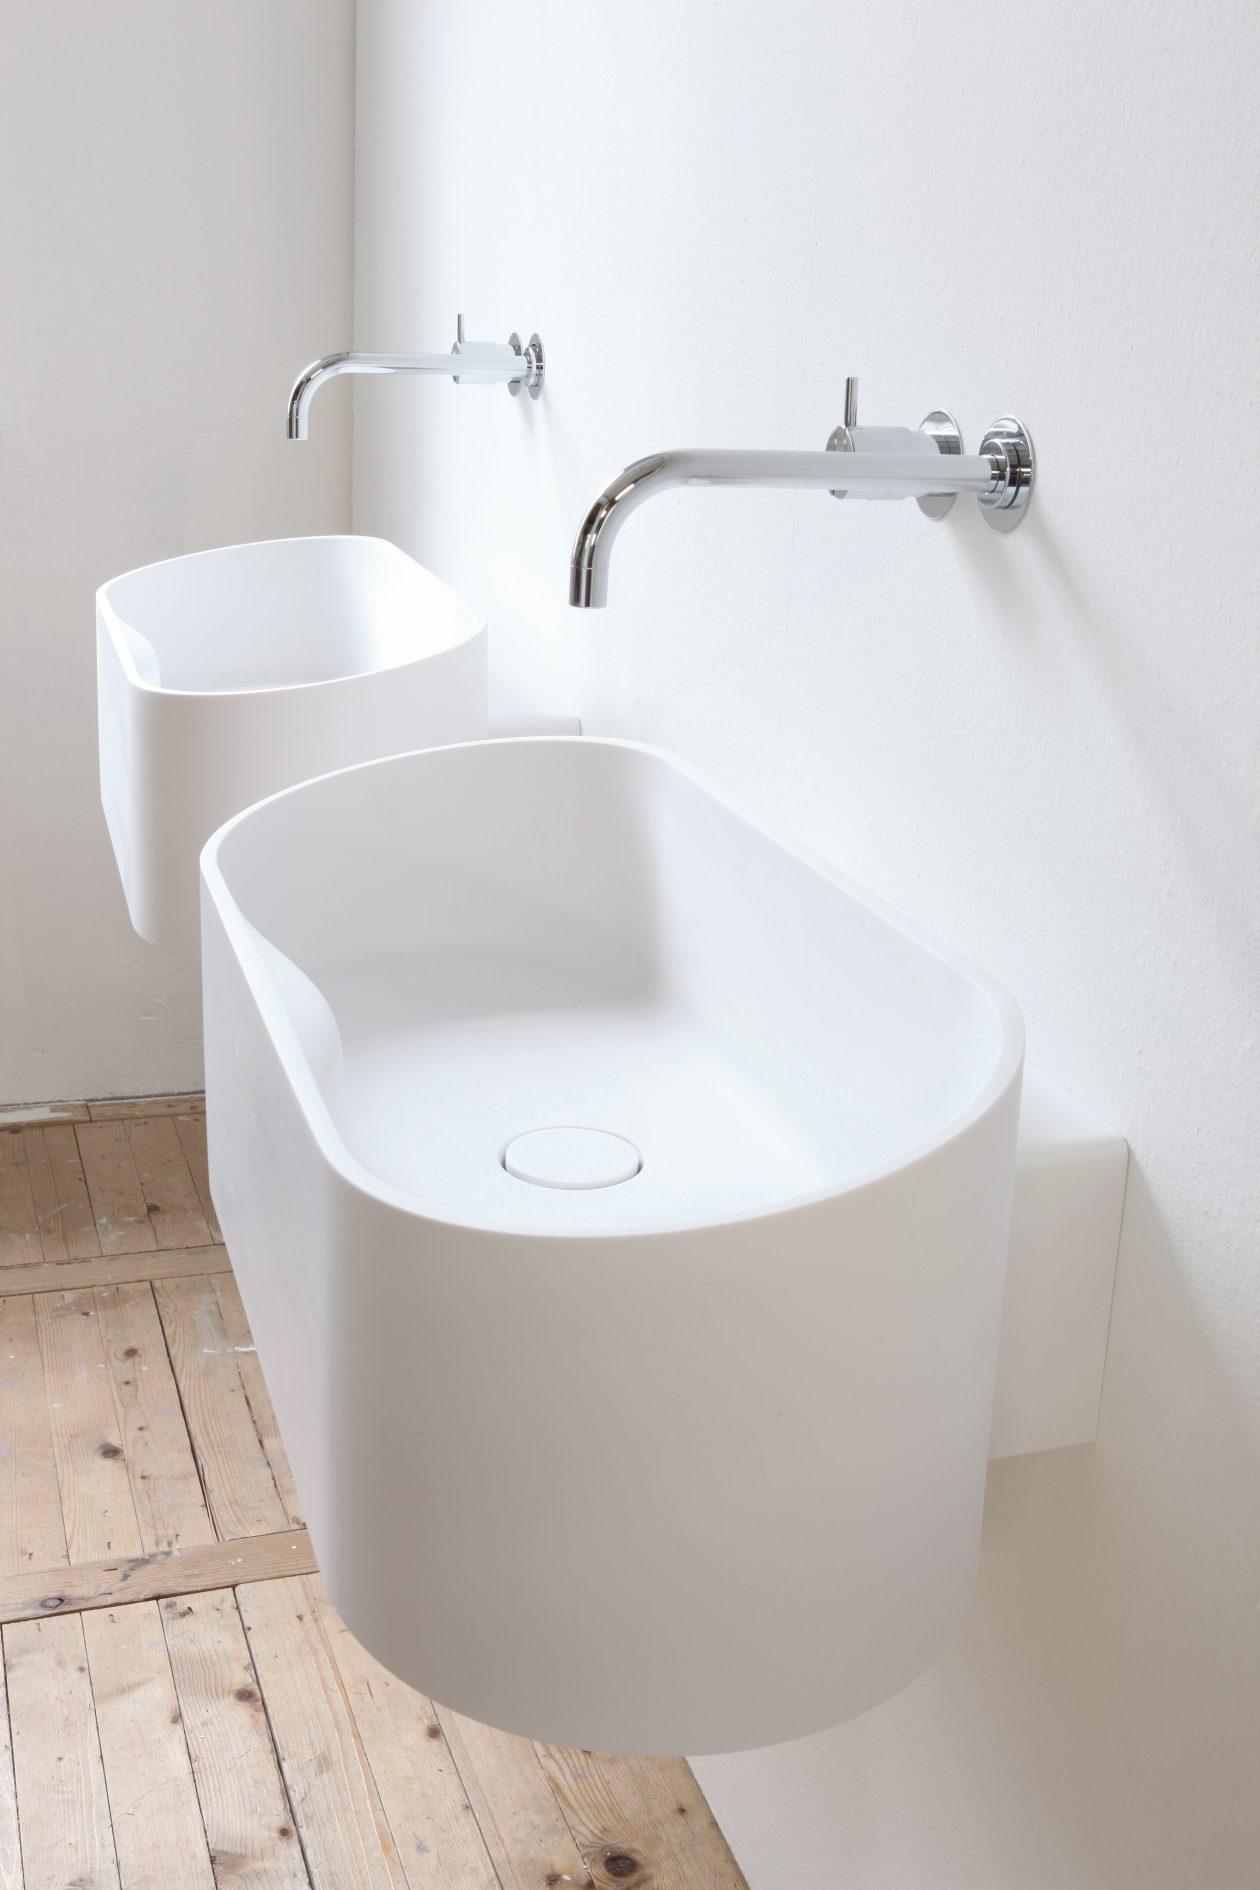 sanitair design architectuur